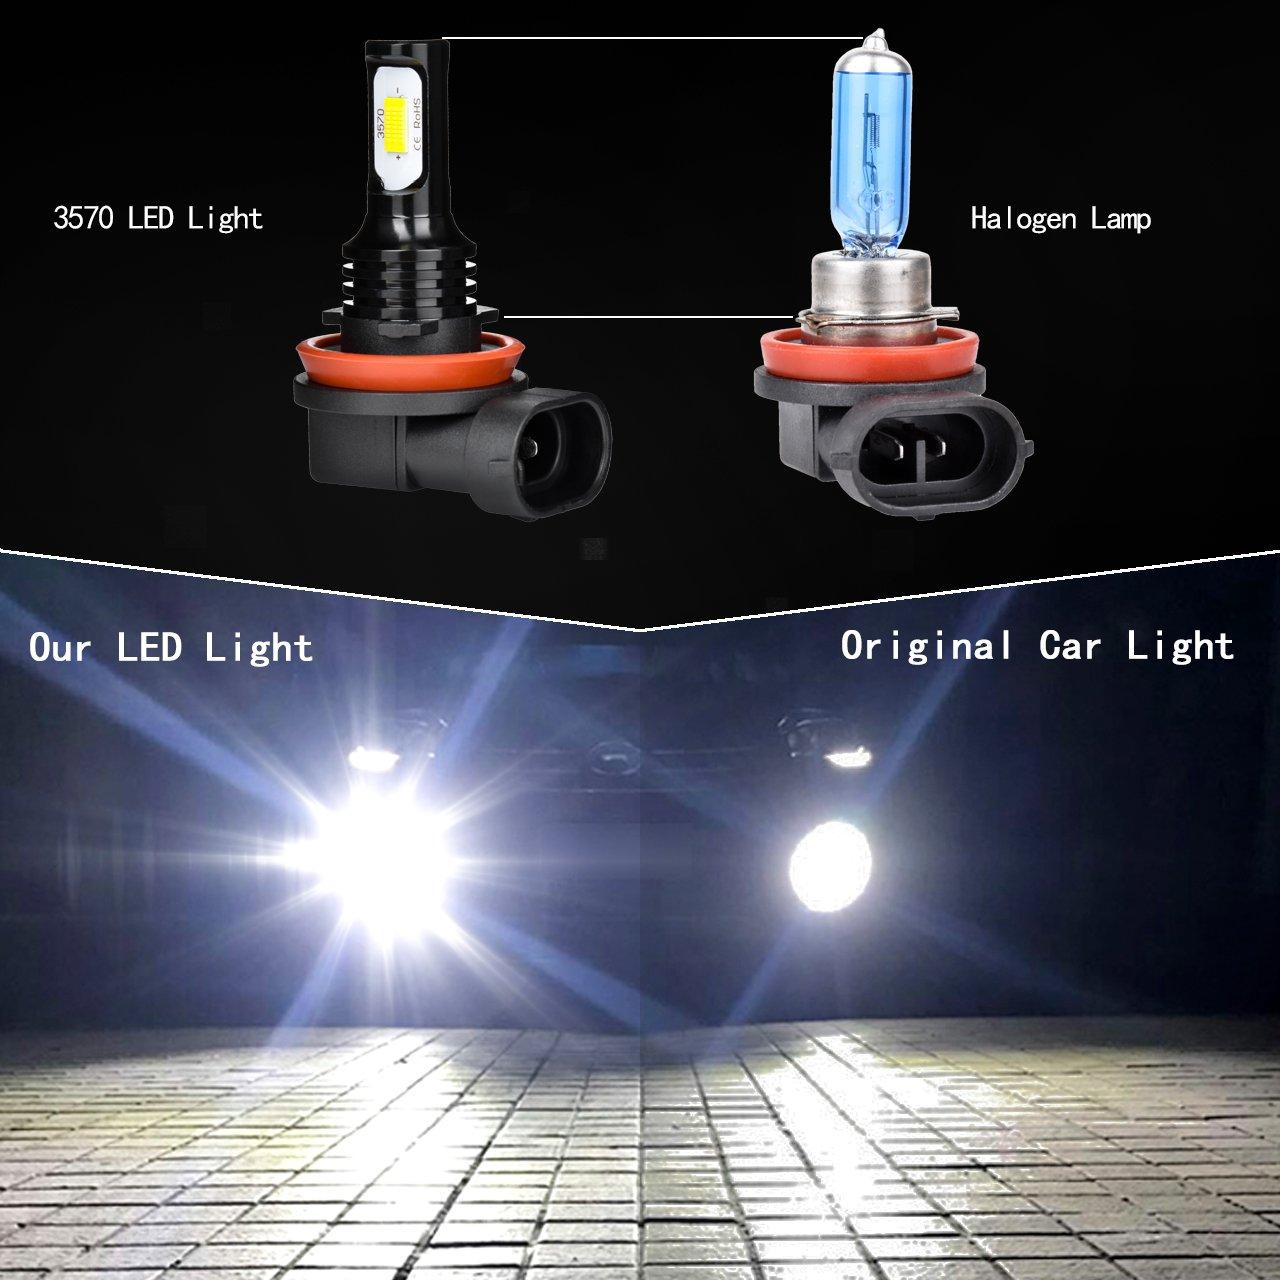 Pack of 2 75W TUINCYN Extremely Bright H7 LED Fog Light Bulb White 6500K 2400 Lumens Top Quality 3570 CSP-Chips Daytime Running Light//DRL Day Light Bulb 12V-24V DC